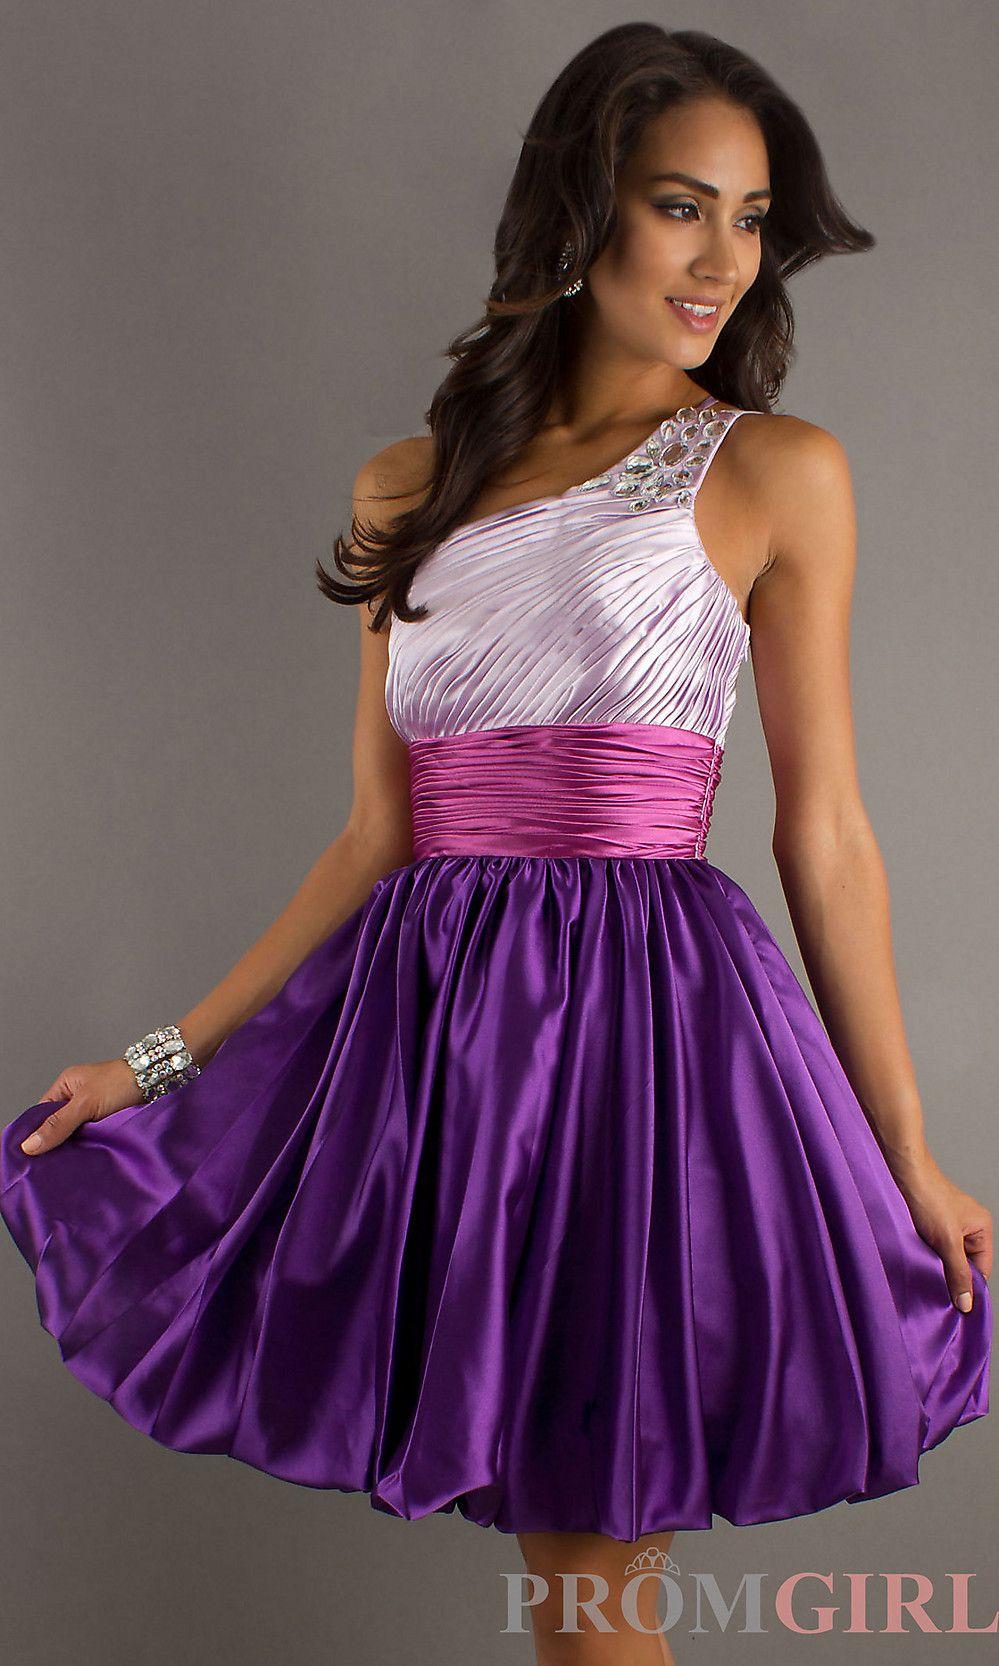 Short One Shoulder Prom Dresses, Teen Cocktail Dresses- PromGirl ...